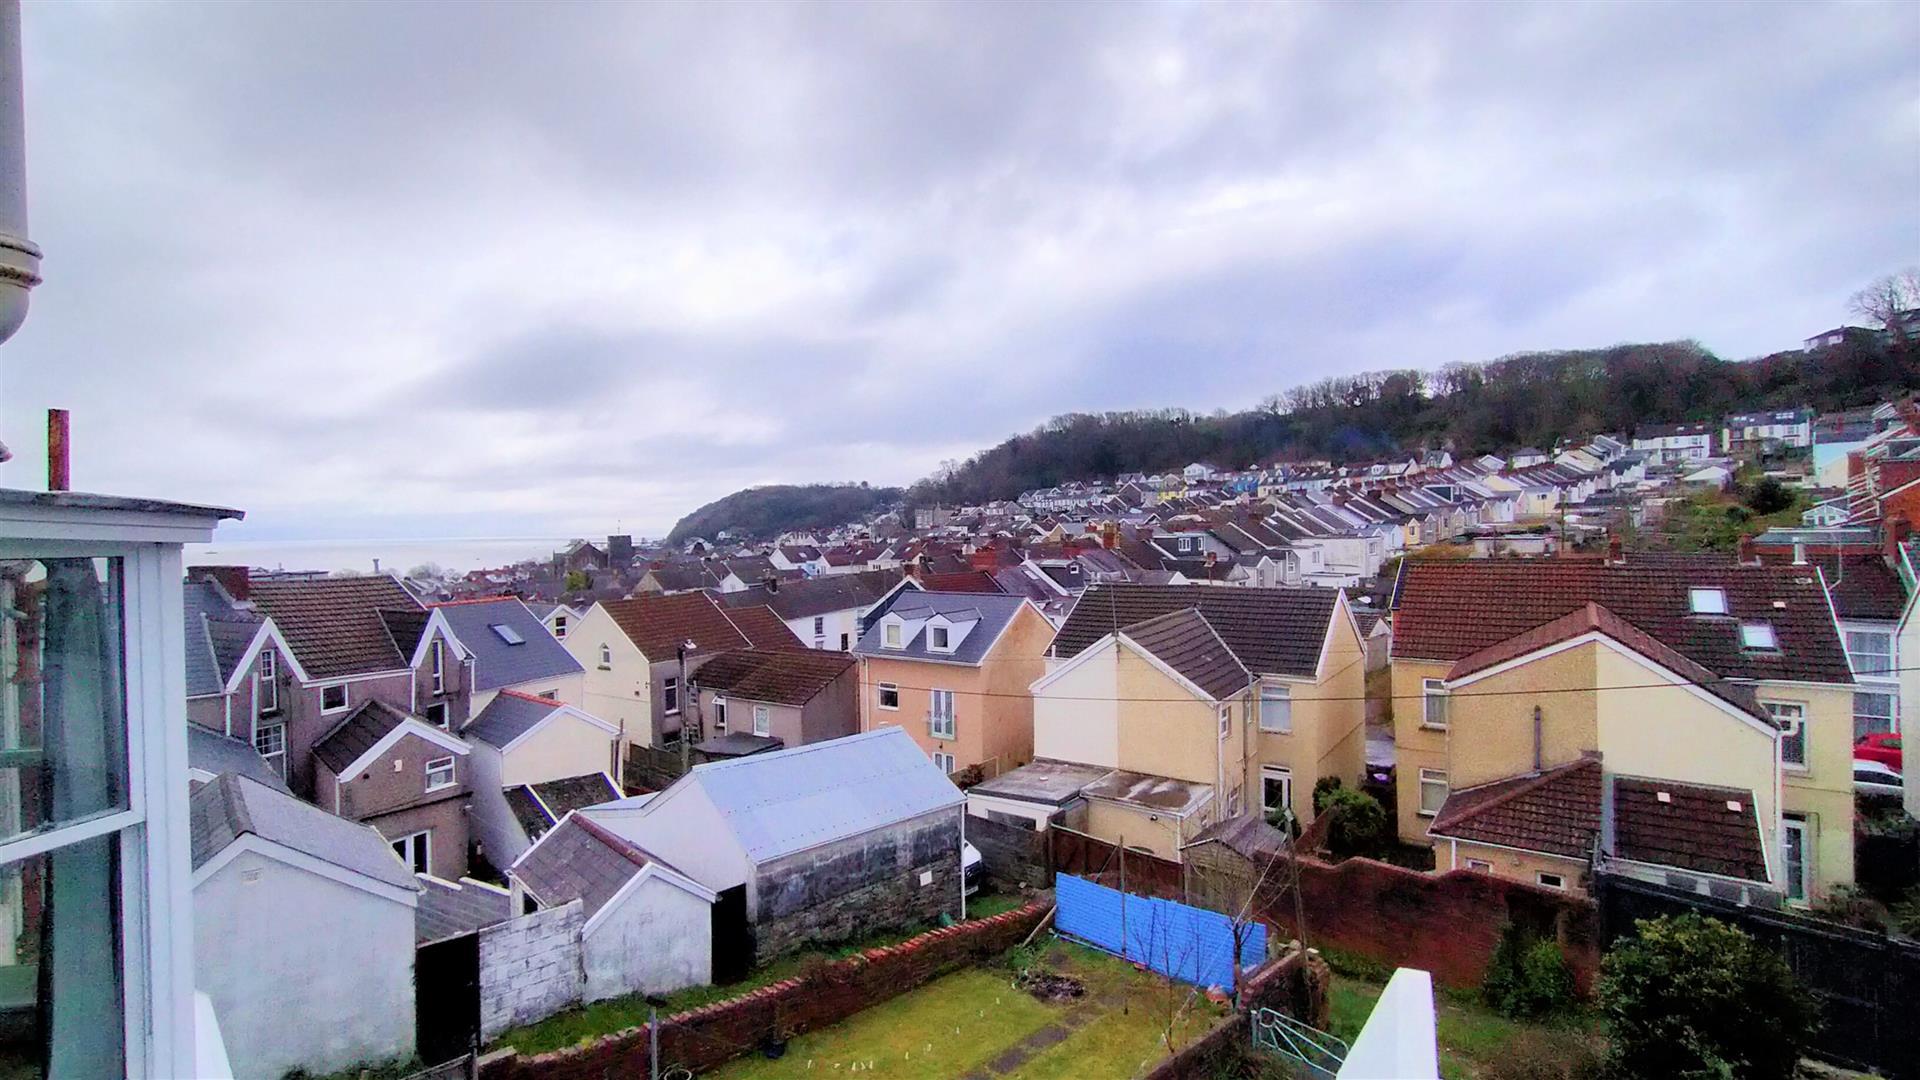 Victoria Avenue, Mumbles, Swansea, SA3 4NQ